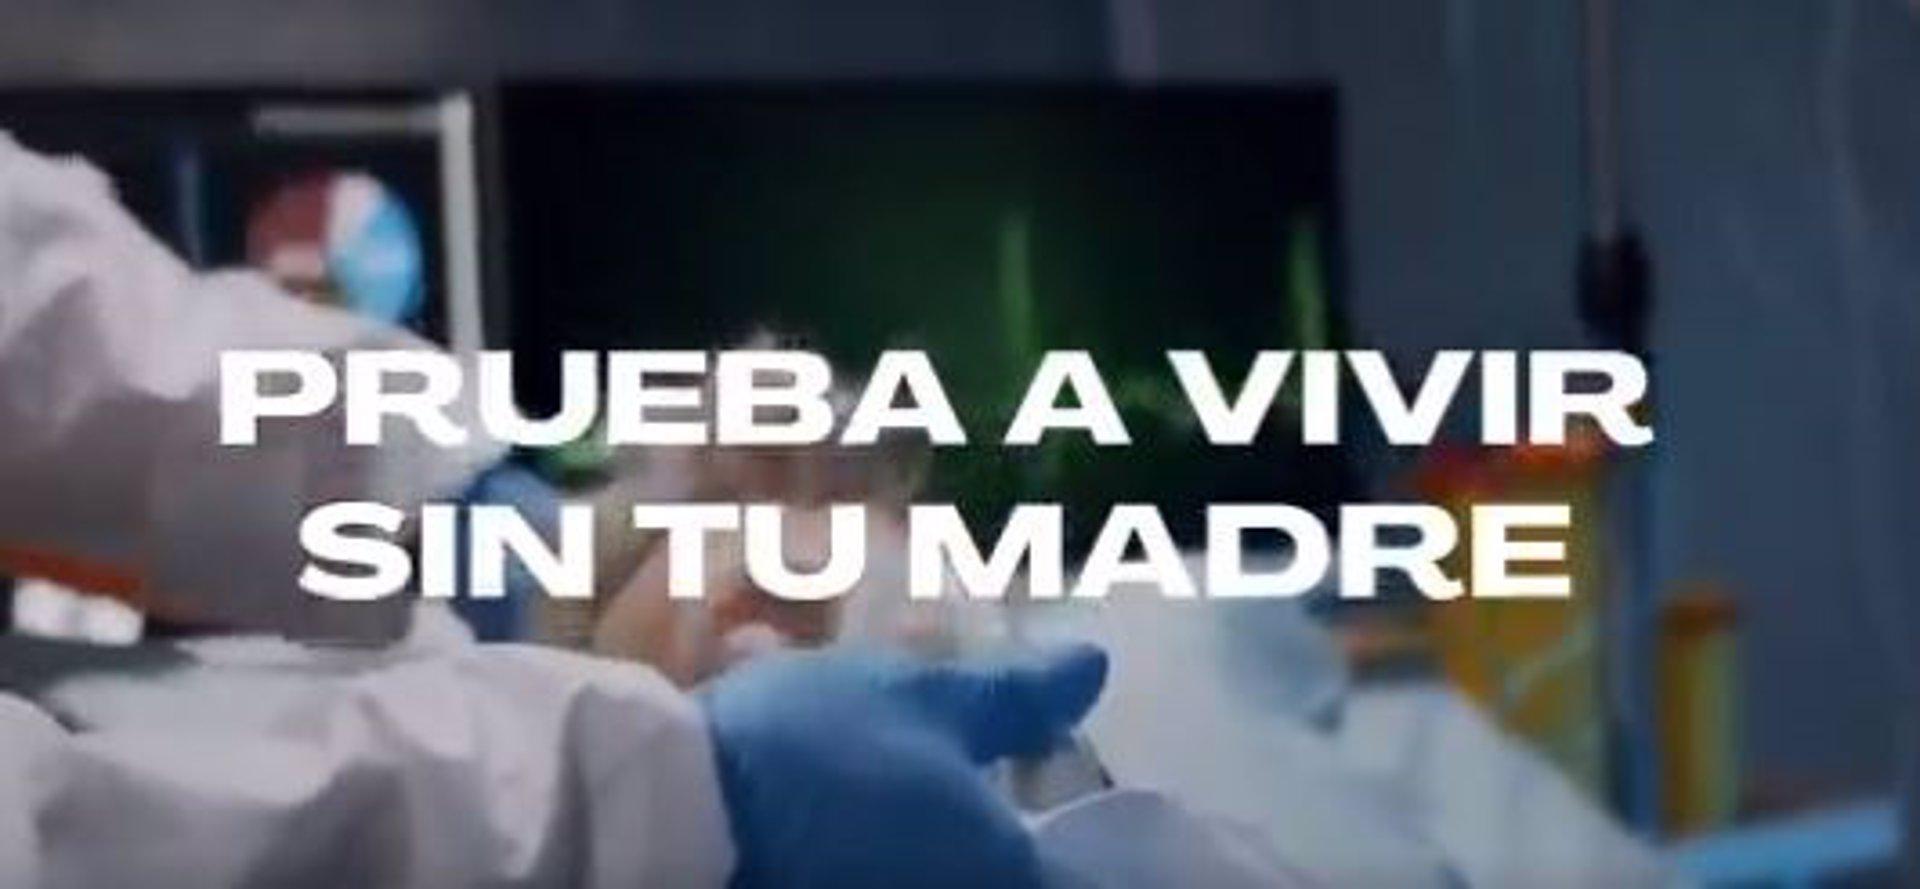 """Cvirus.- Campaña de concienciación de la Junta: """"Si no puedes vivir sin salir de fiesta, prueba a vivir sin tu madre"""""""